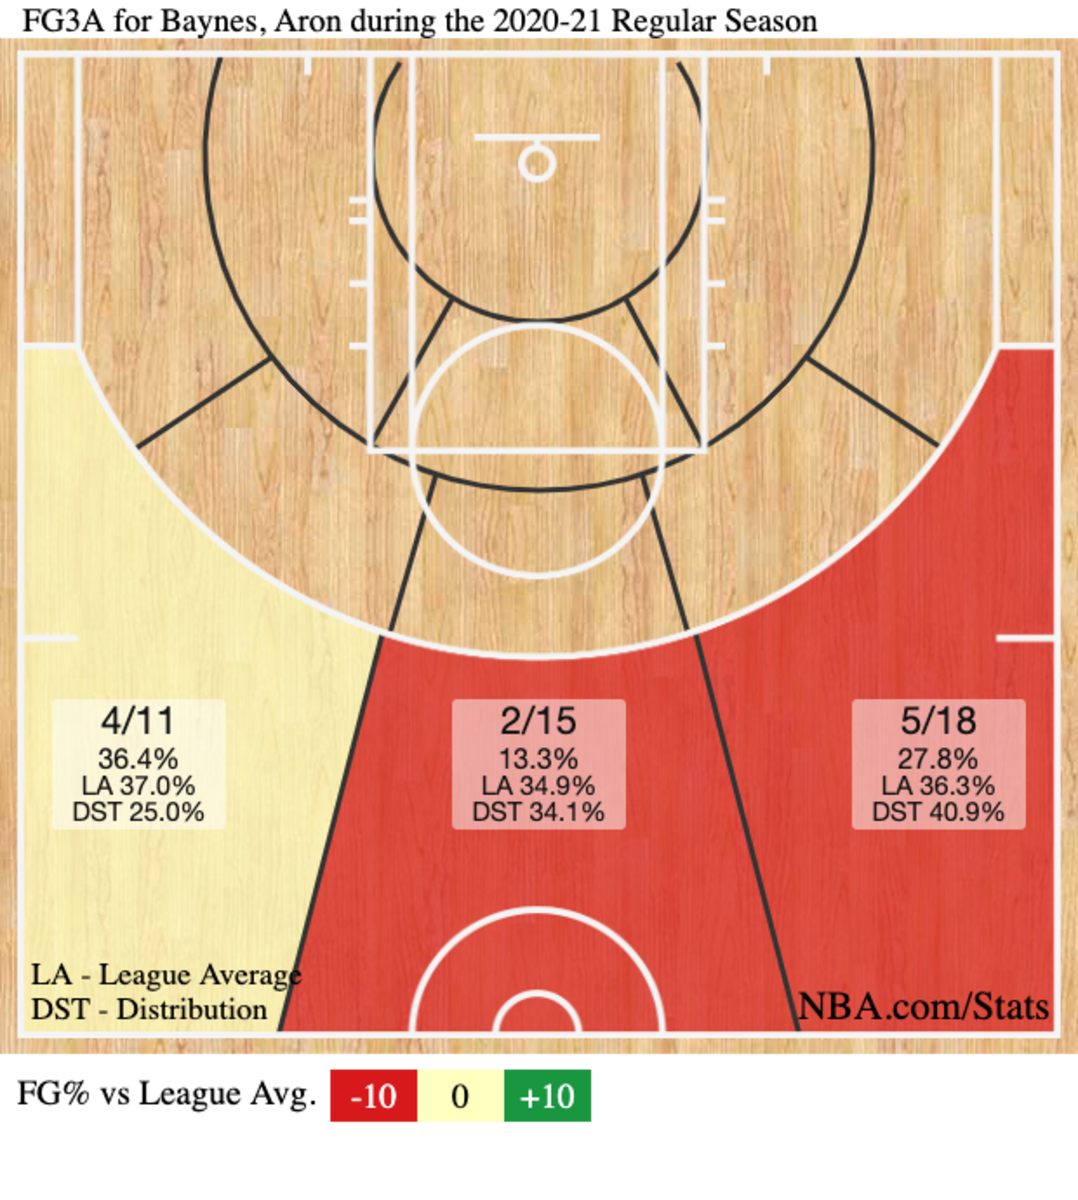 Aron Baynes' 3-point zone chart this season